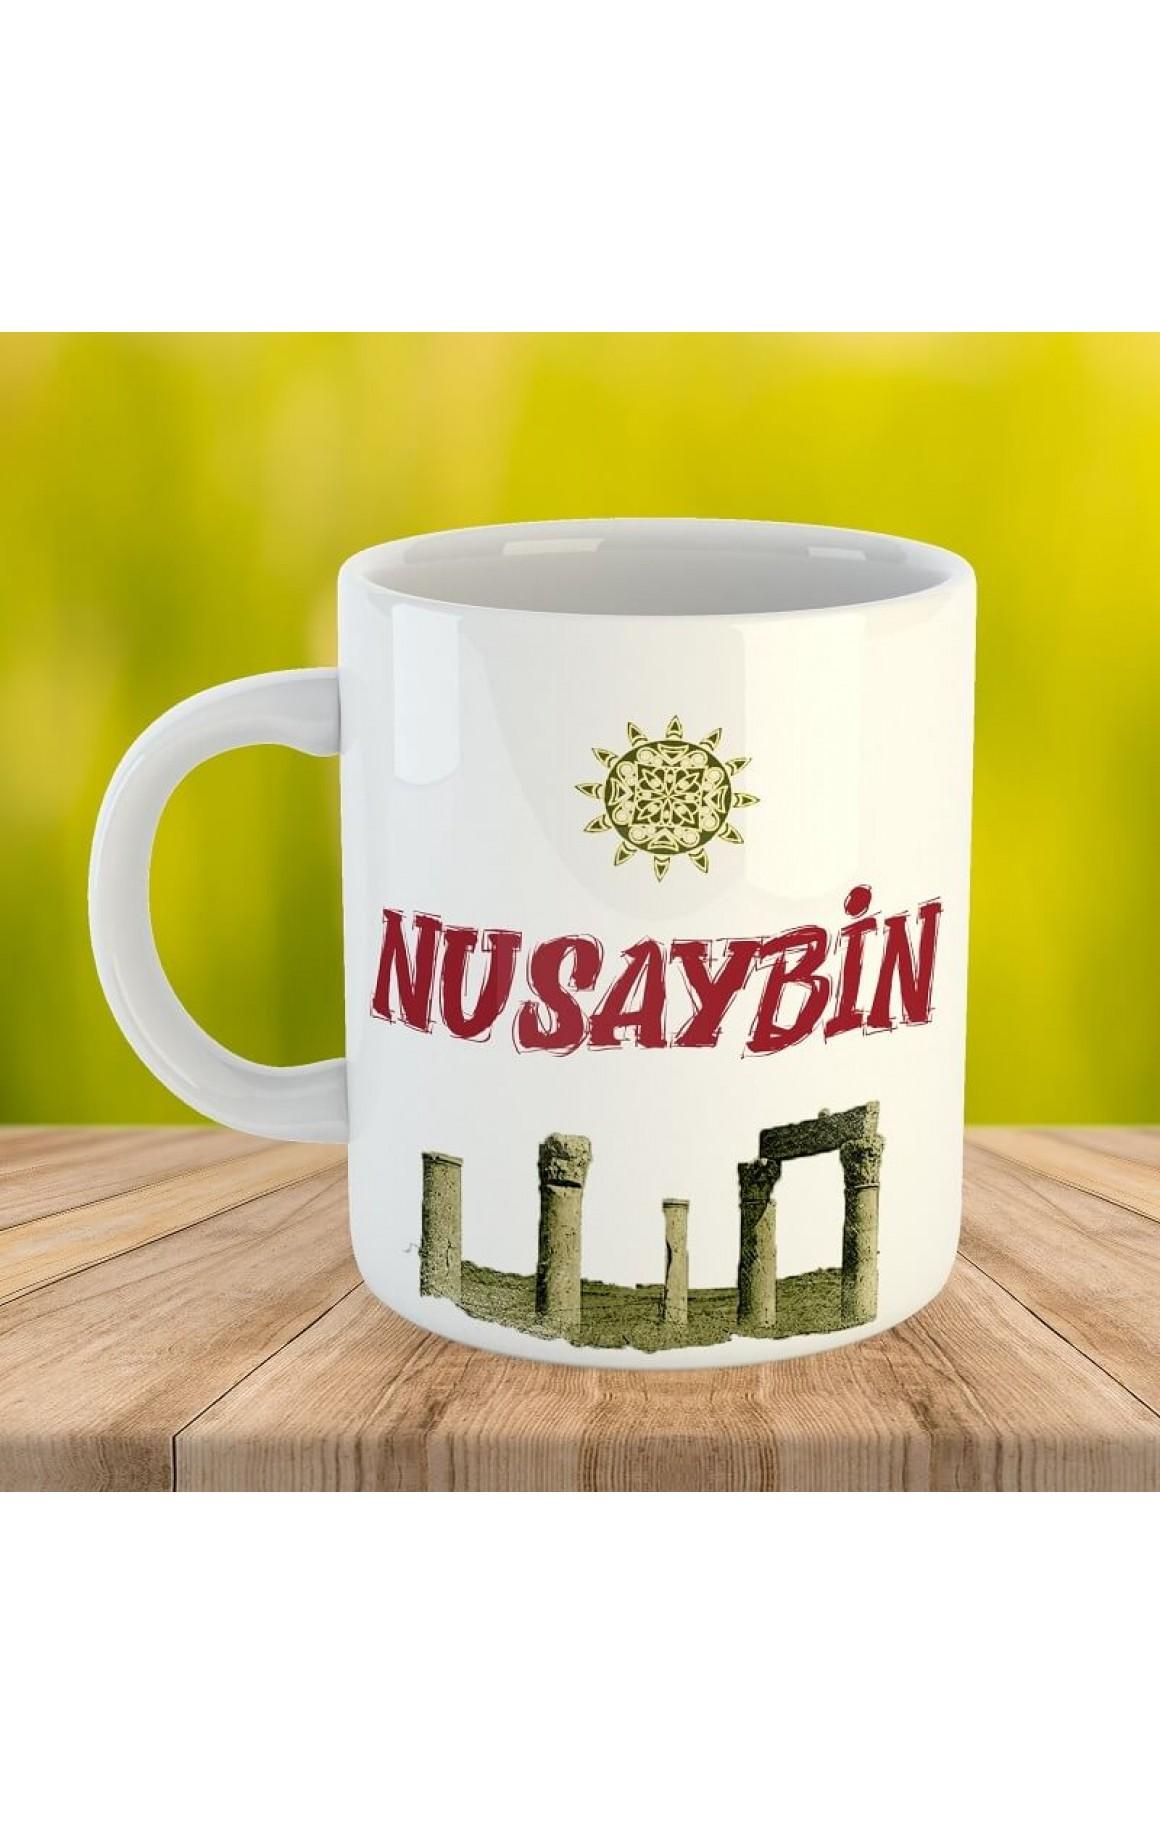 Şehir Porselen Kupa - Nusaybin